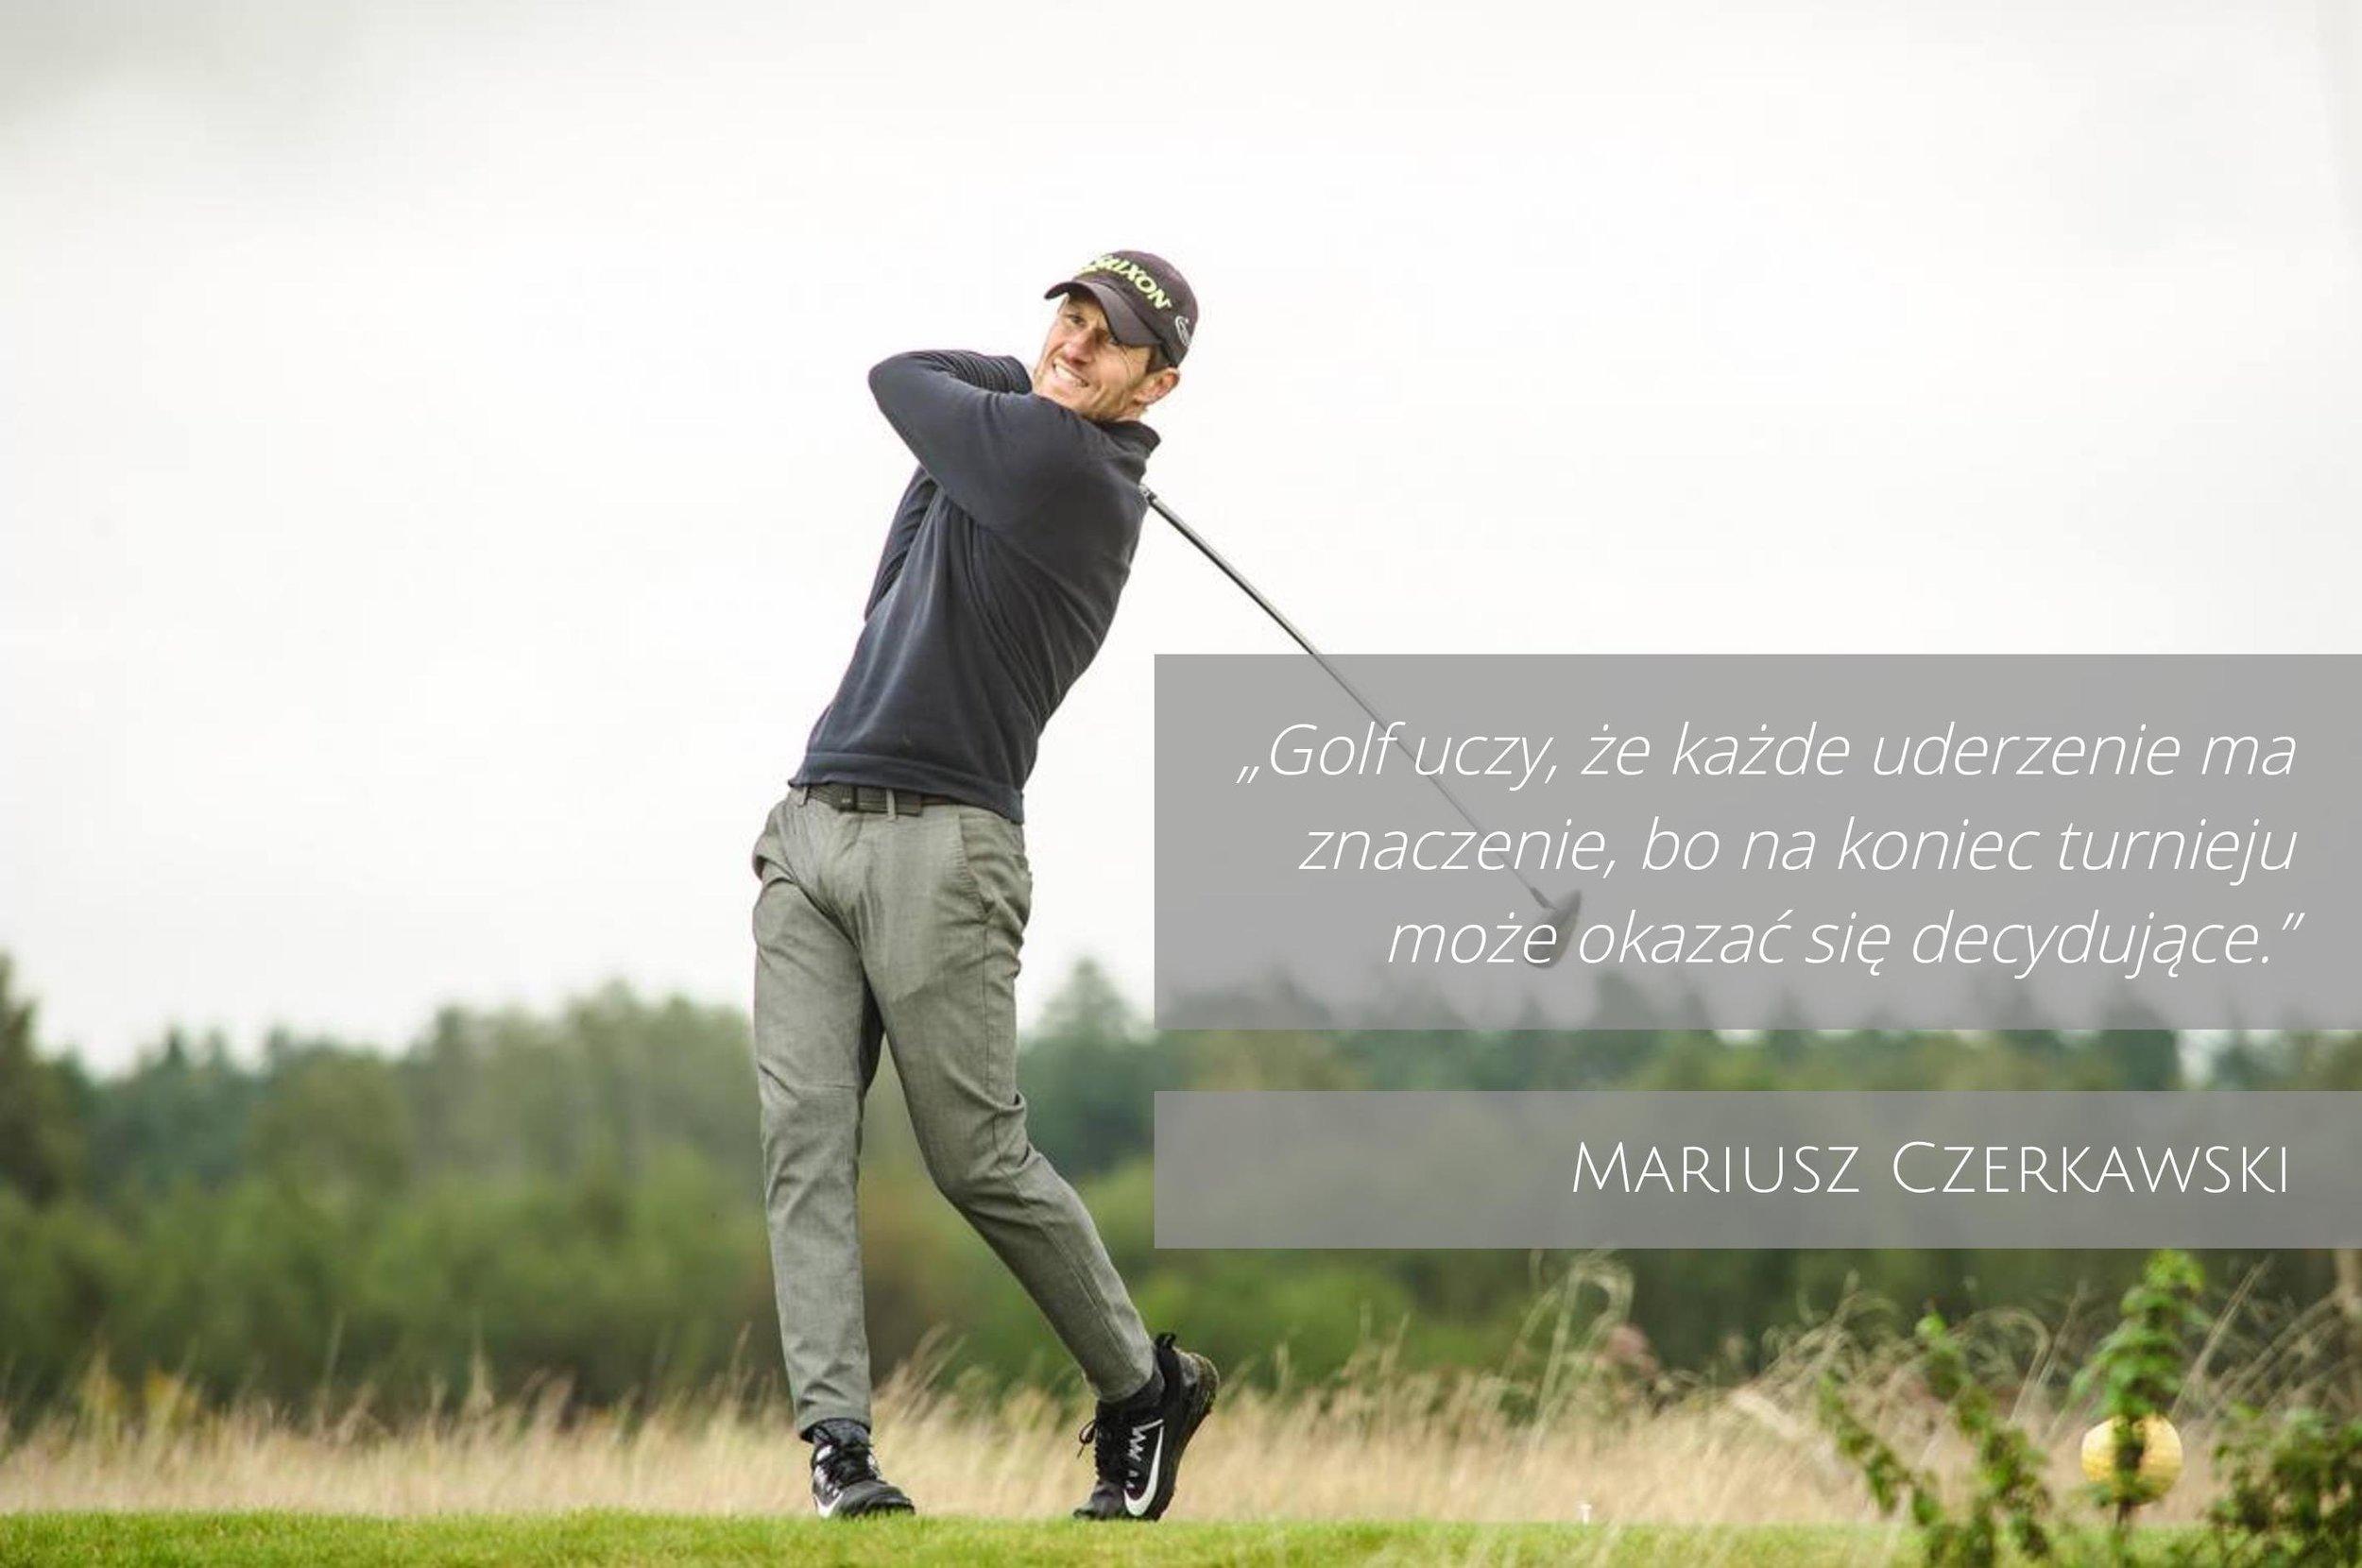 mariusz czerkawski-page-001.jpg